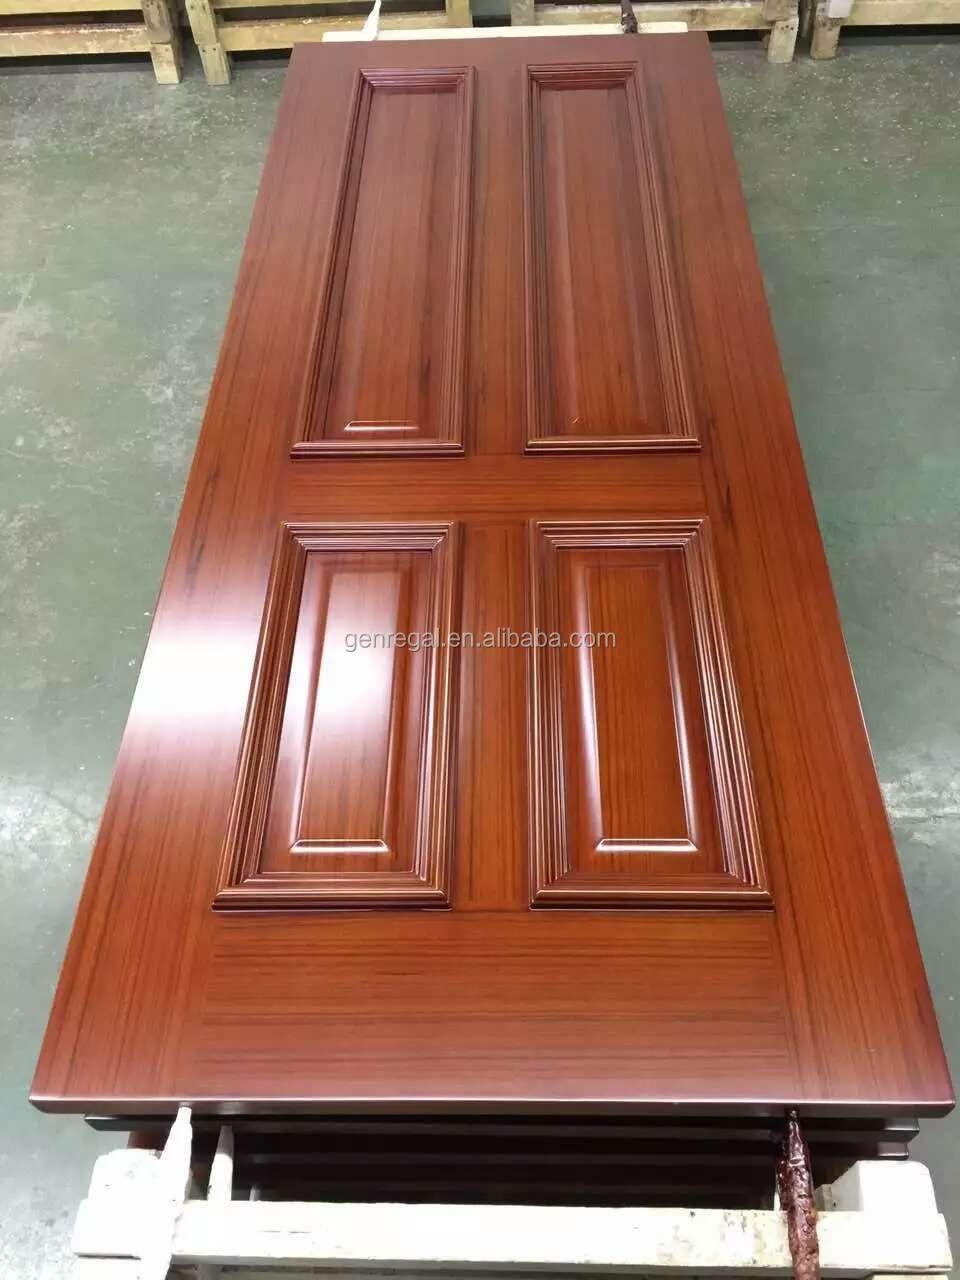 Ce chapa interior pintura colores puertas de madera para for Puertas de madera para dormitorios